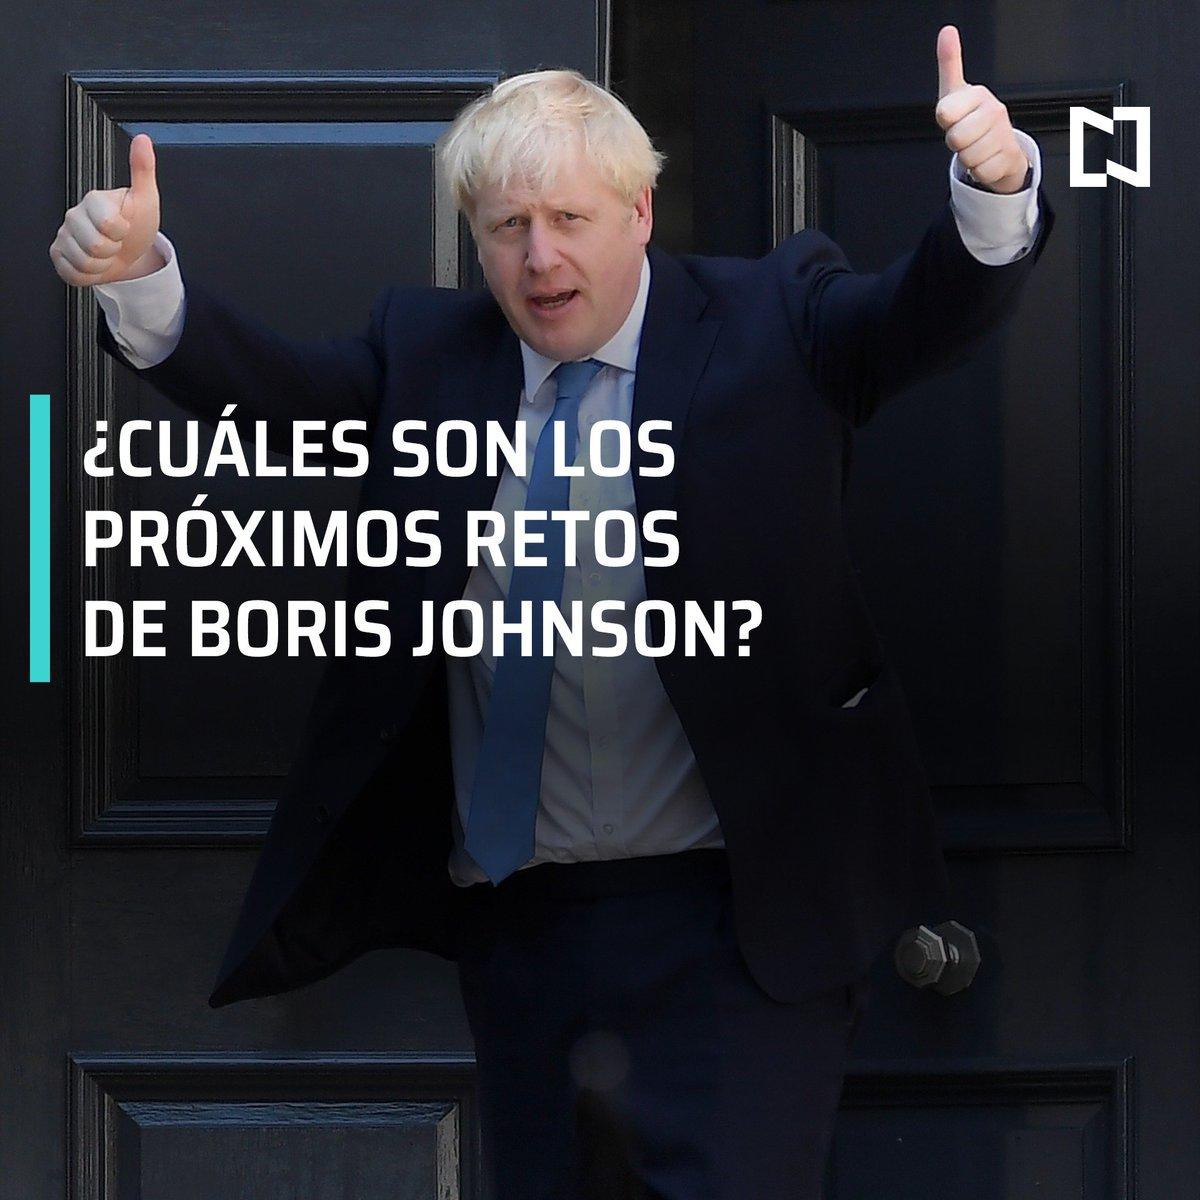 El ex alcalde de Londres Boris Johnson será el próximo primer ministro británico en sustitución de Theresa May, al imponerse en las elecciones primarias conservadoras a Jeremy Hunt #DespiertaConLoret con @campossuarez